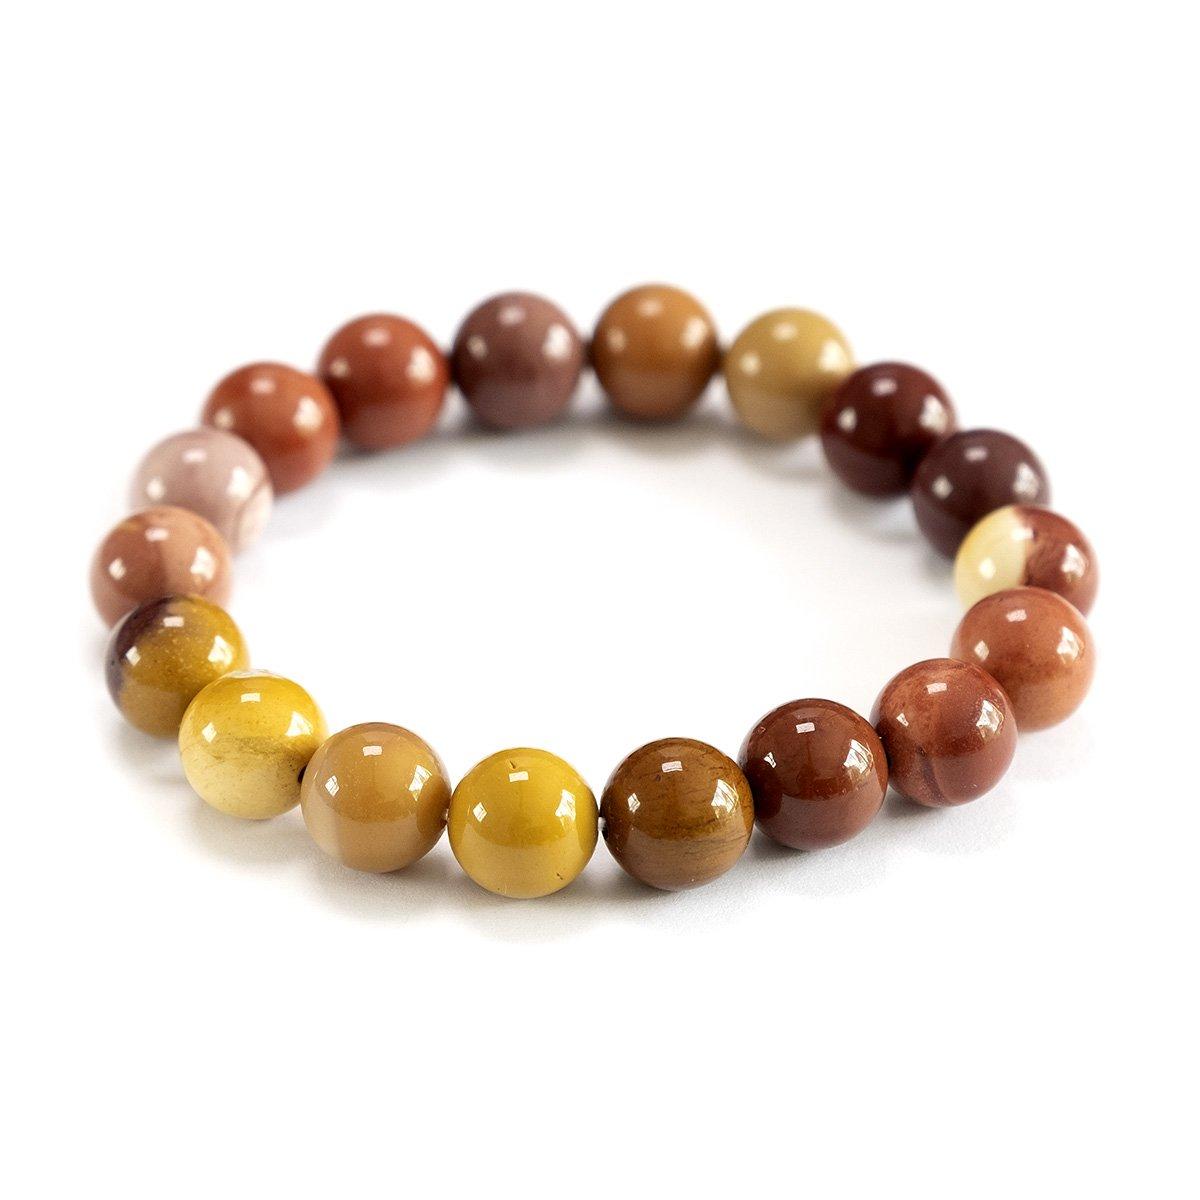 Bracelet extensible en perles de jaspe Mookaïte 10 mm